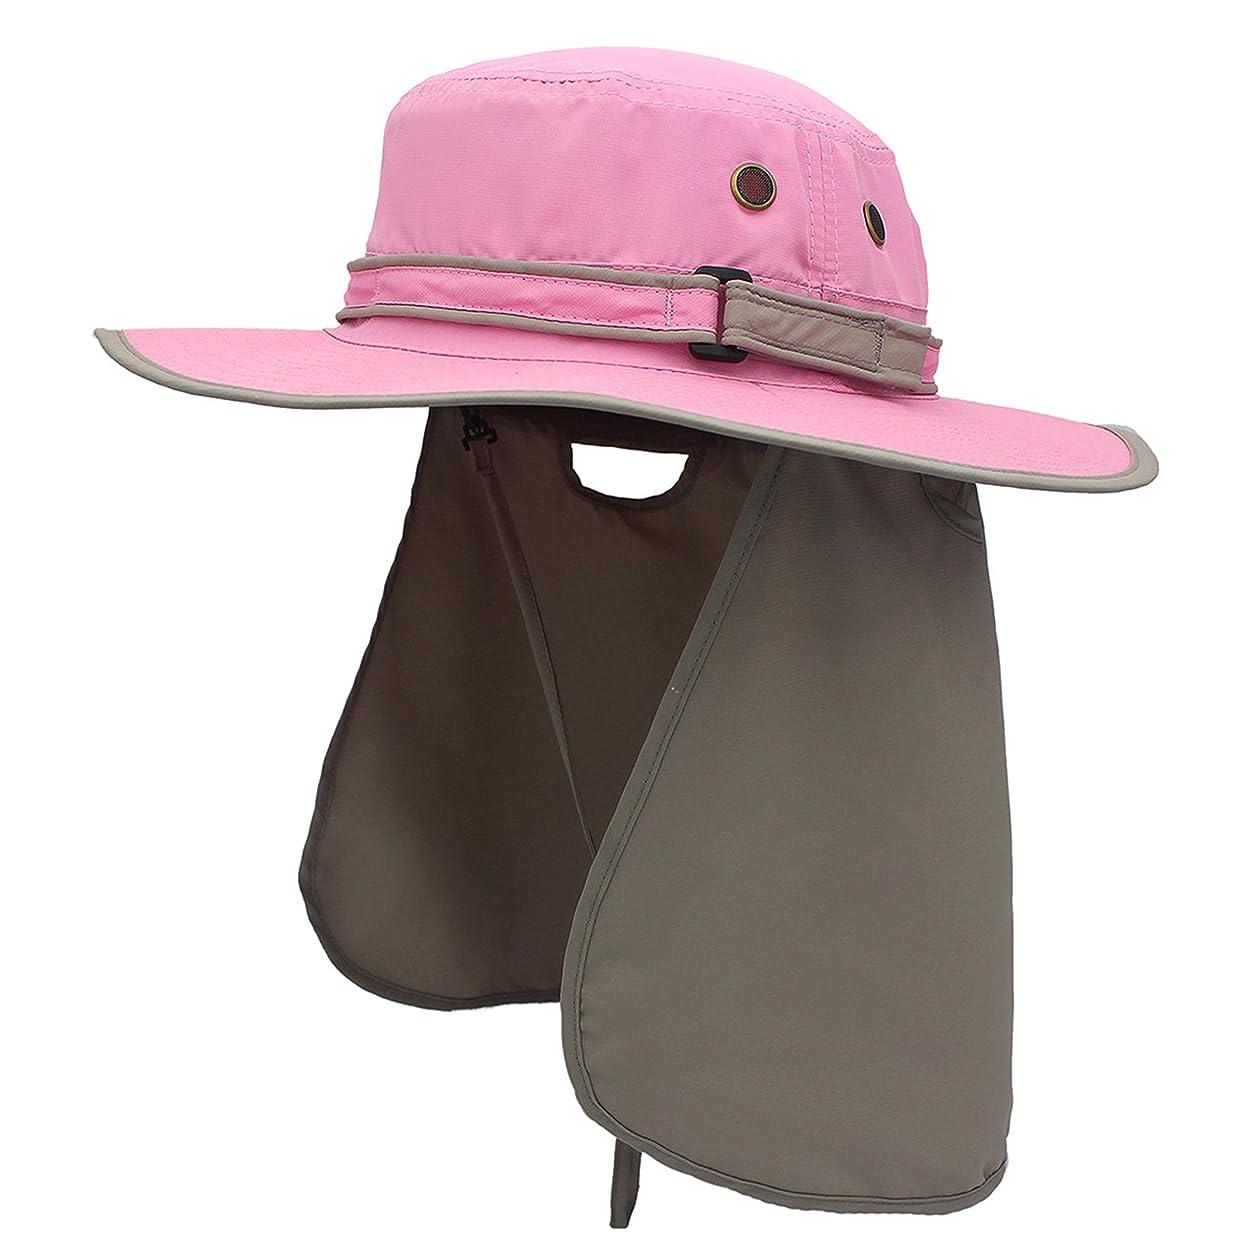 粒であること振幅アウトドアハット日除け付帽子 漁師キャップUV?紫外線カット つば広 大きいサイズ 軽薄 速乾 防水 通気性抜群 あご紐付き 男女兼用 釣り ガーデニング 登山 農作アウトドア作業